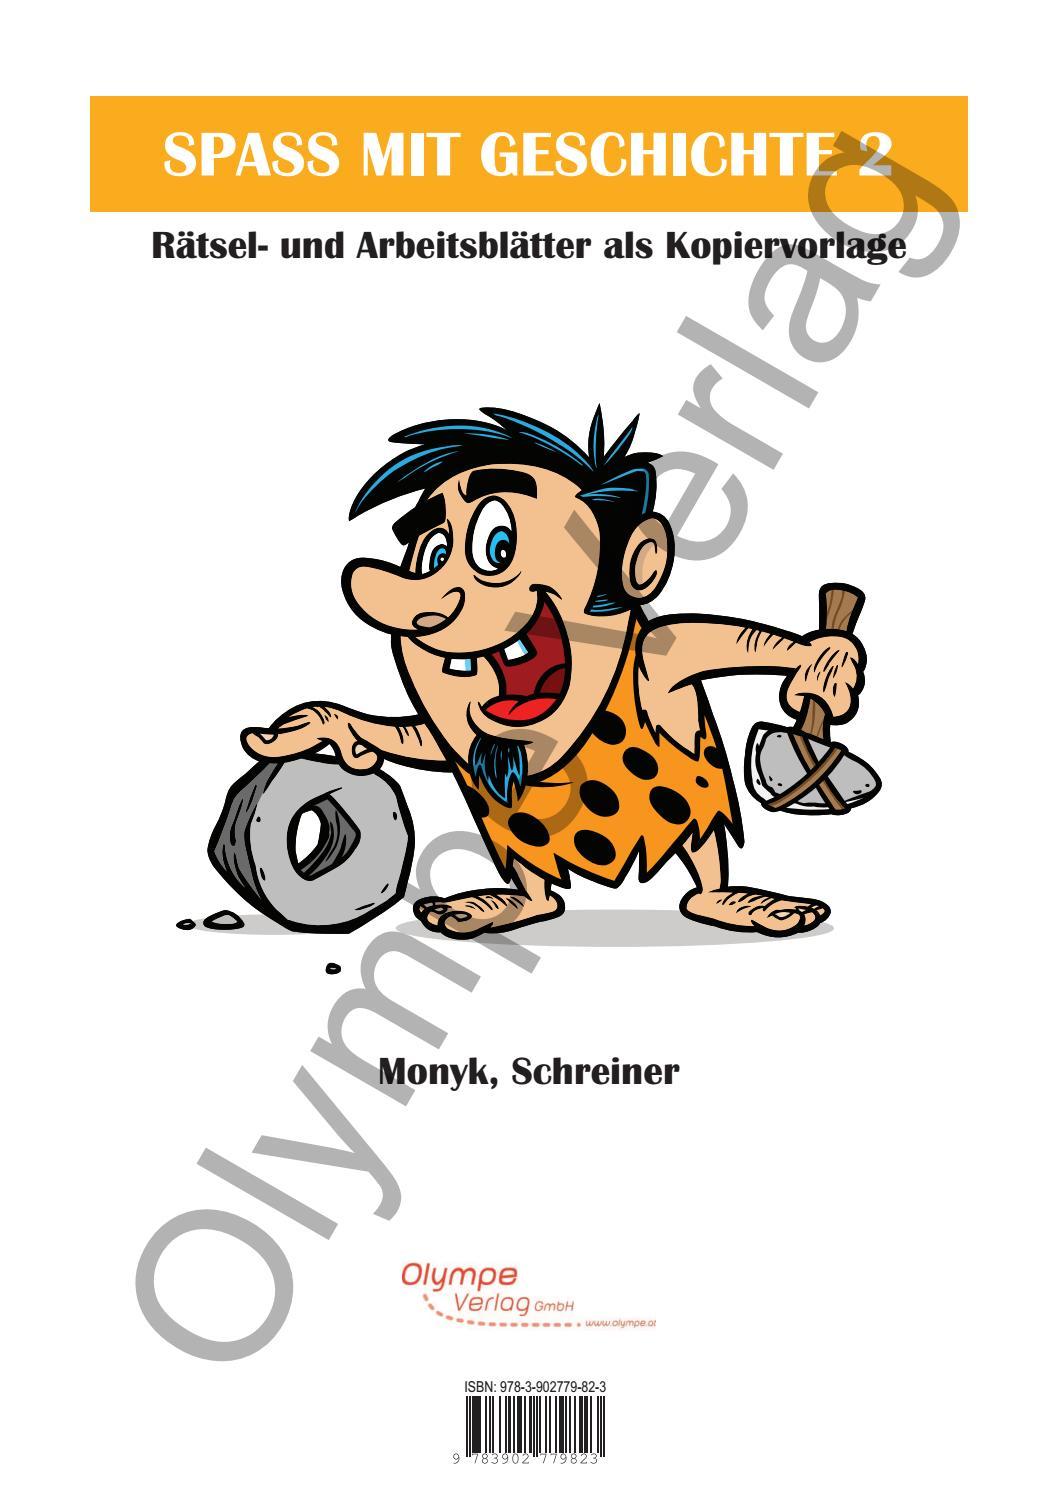 Spass Mit Geschichte 2 By Olympe Verlag Gmbh Issuu